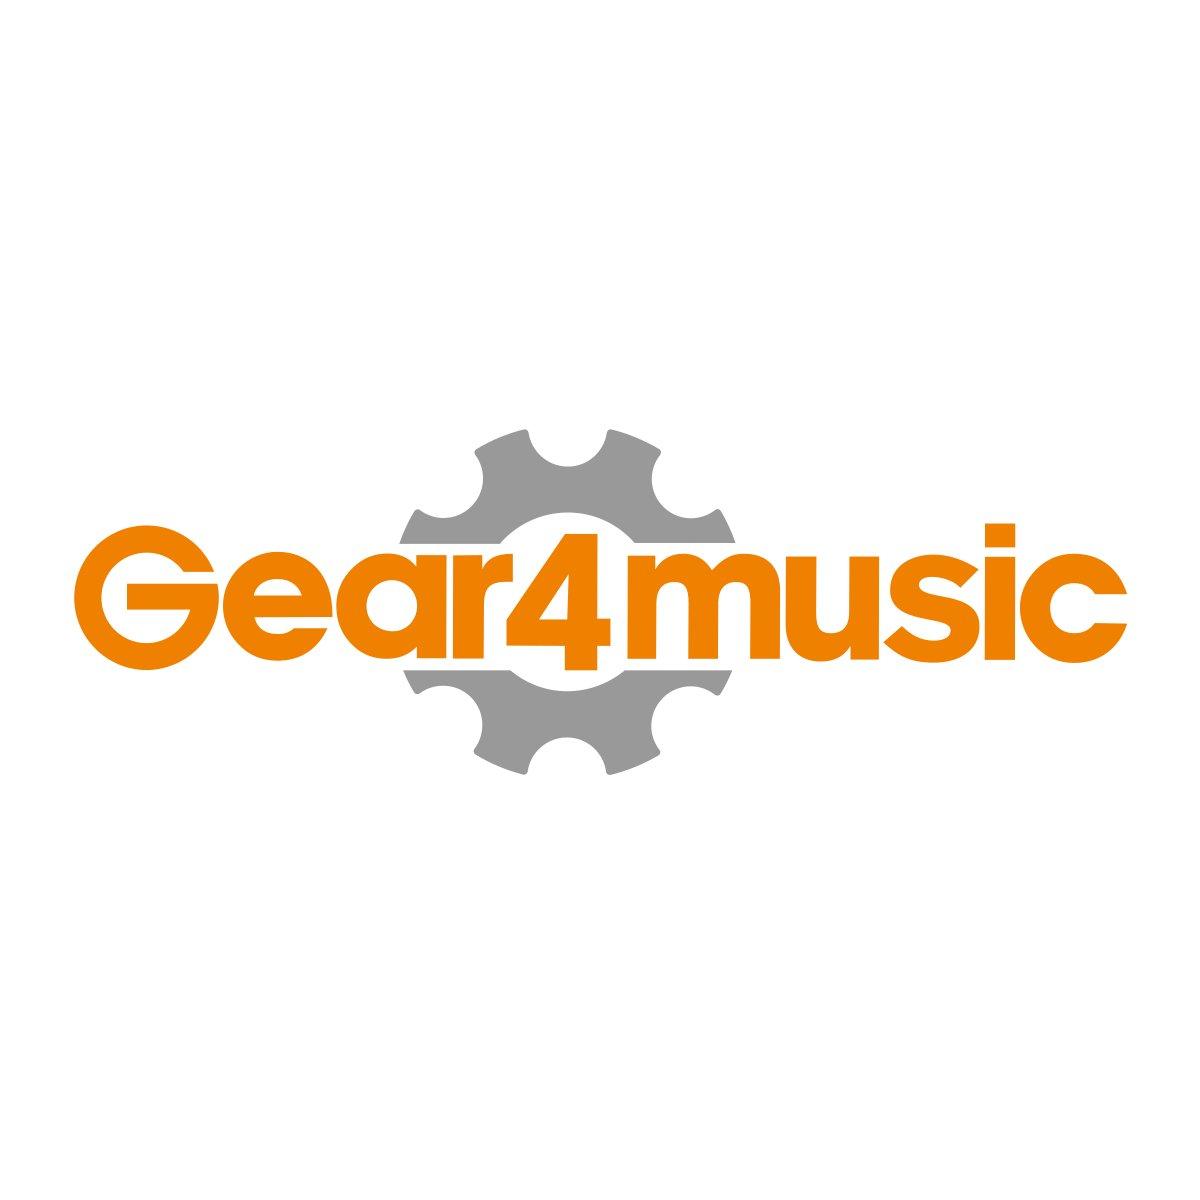 Deluxe    Roundback Semiakustiska gitarr från Gear4Music,    röd Burst - B-Stock